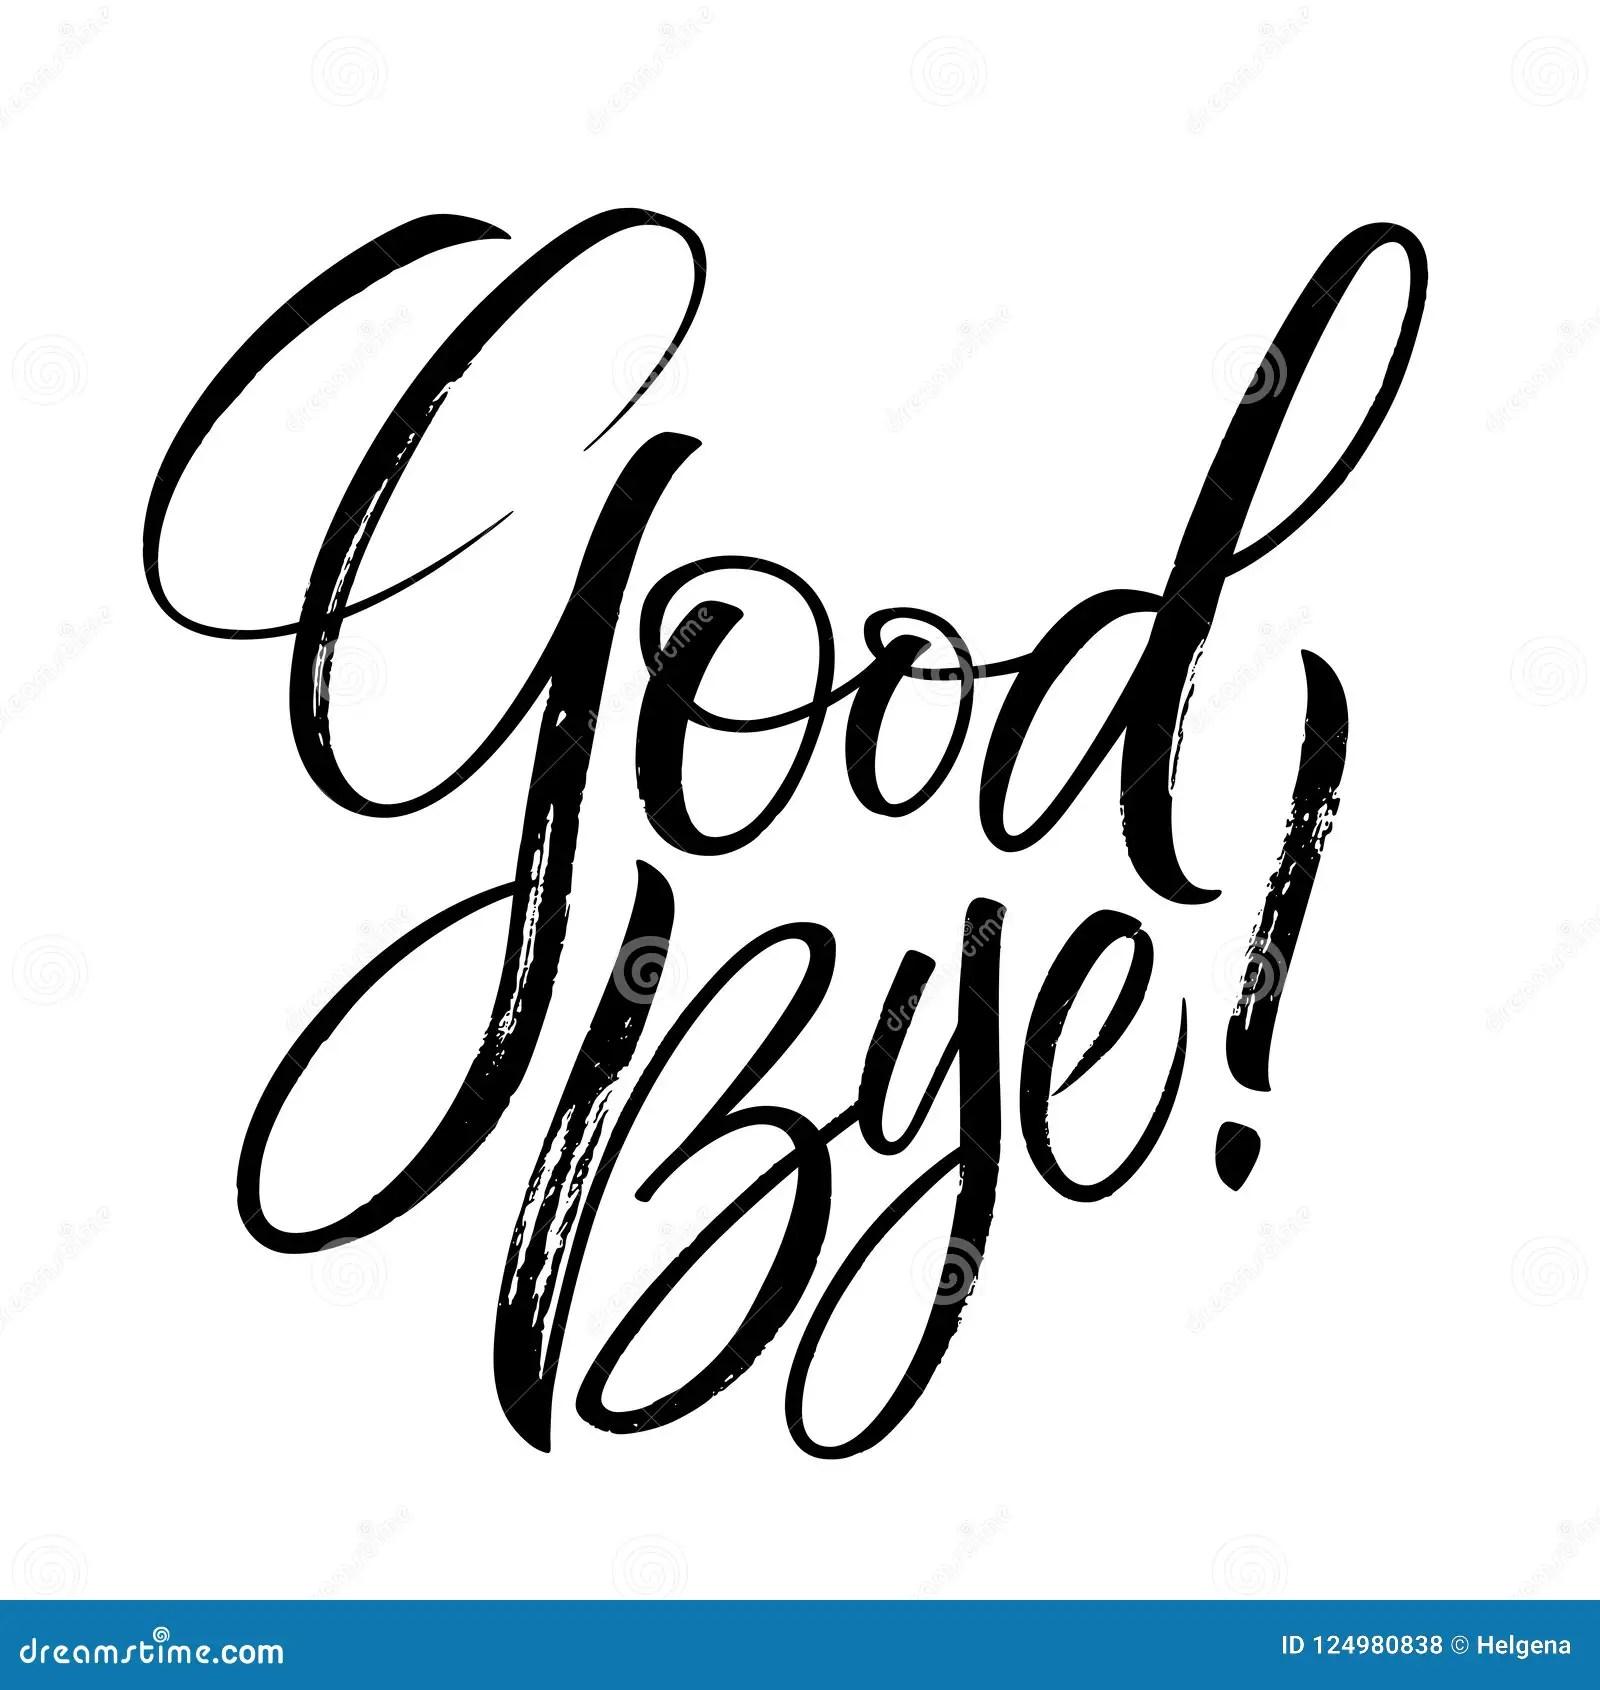 Good Bye lettering stock vector. Illustration of